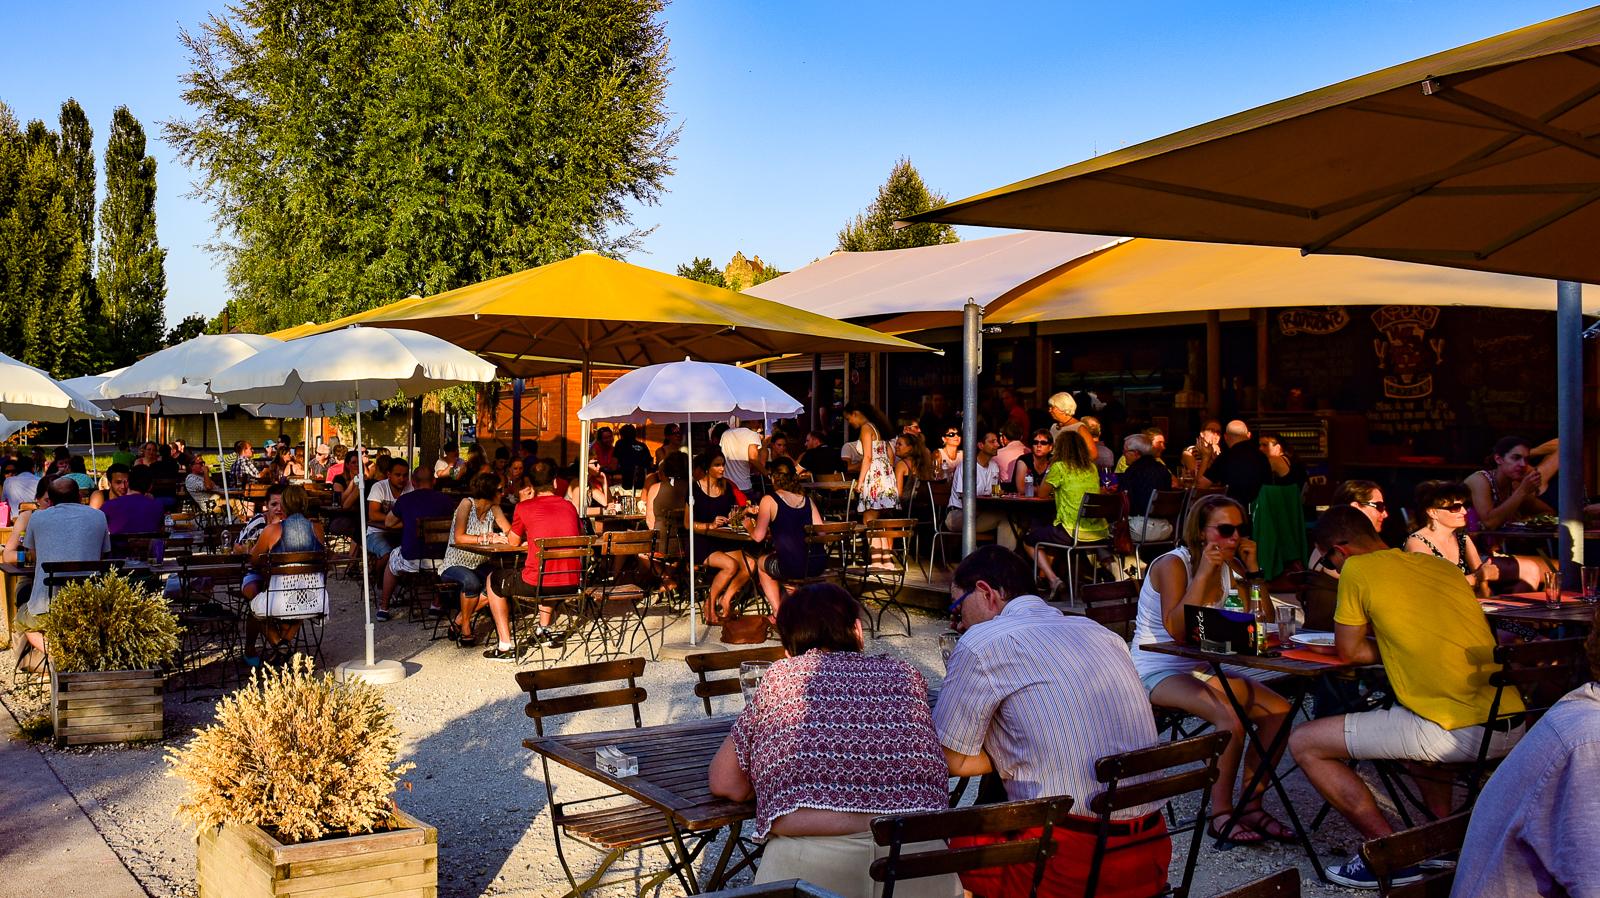 Restaurant Summertime Aarau_001.jpg